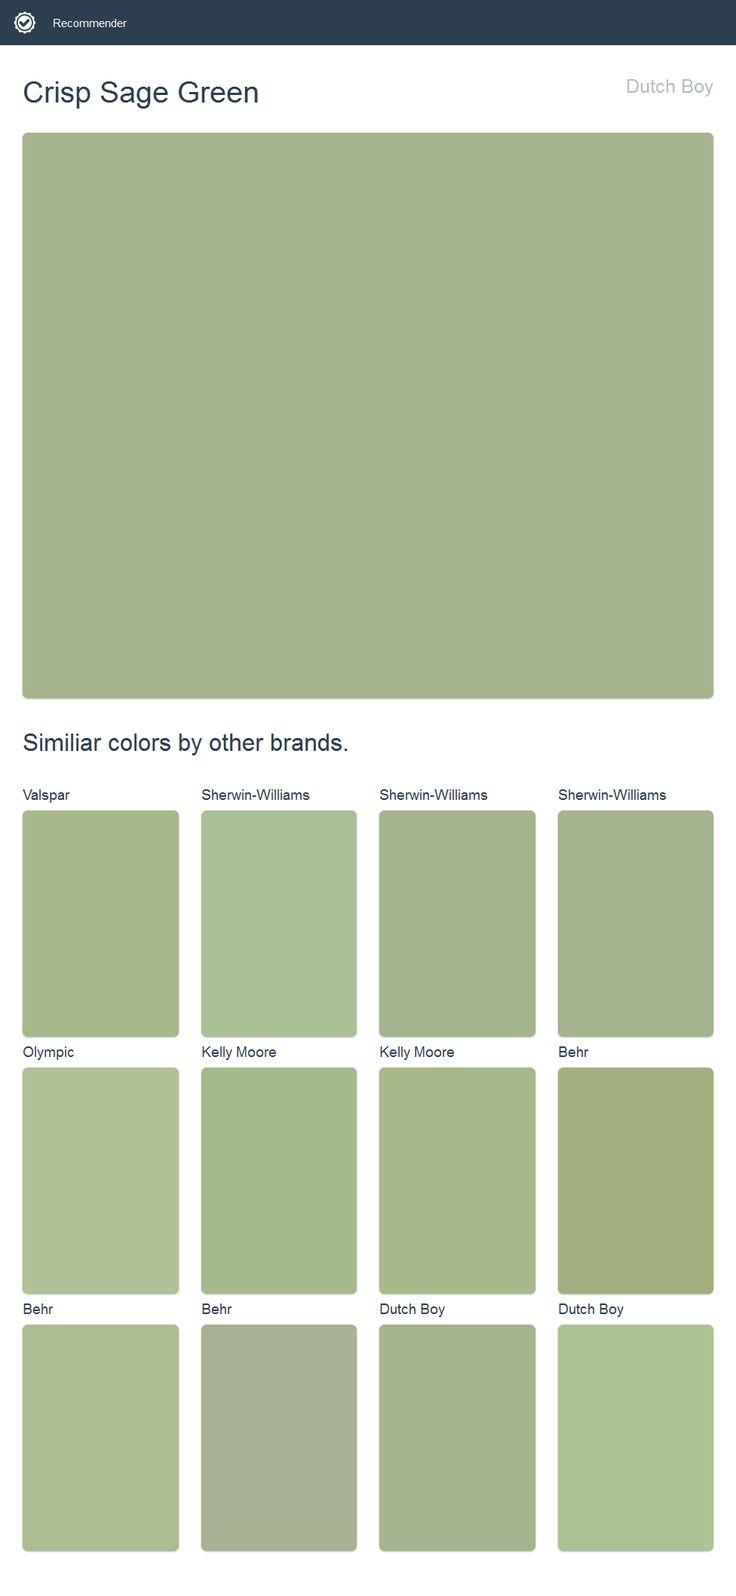 Crisp Sage Green Dutch Boy Dunn Edwards Paint Paint Colors Valspar Paint